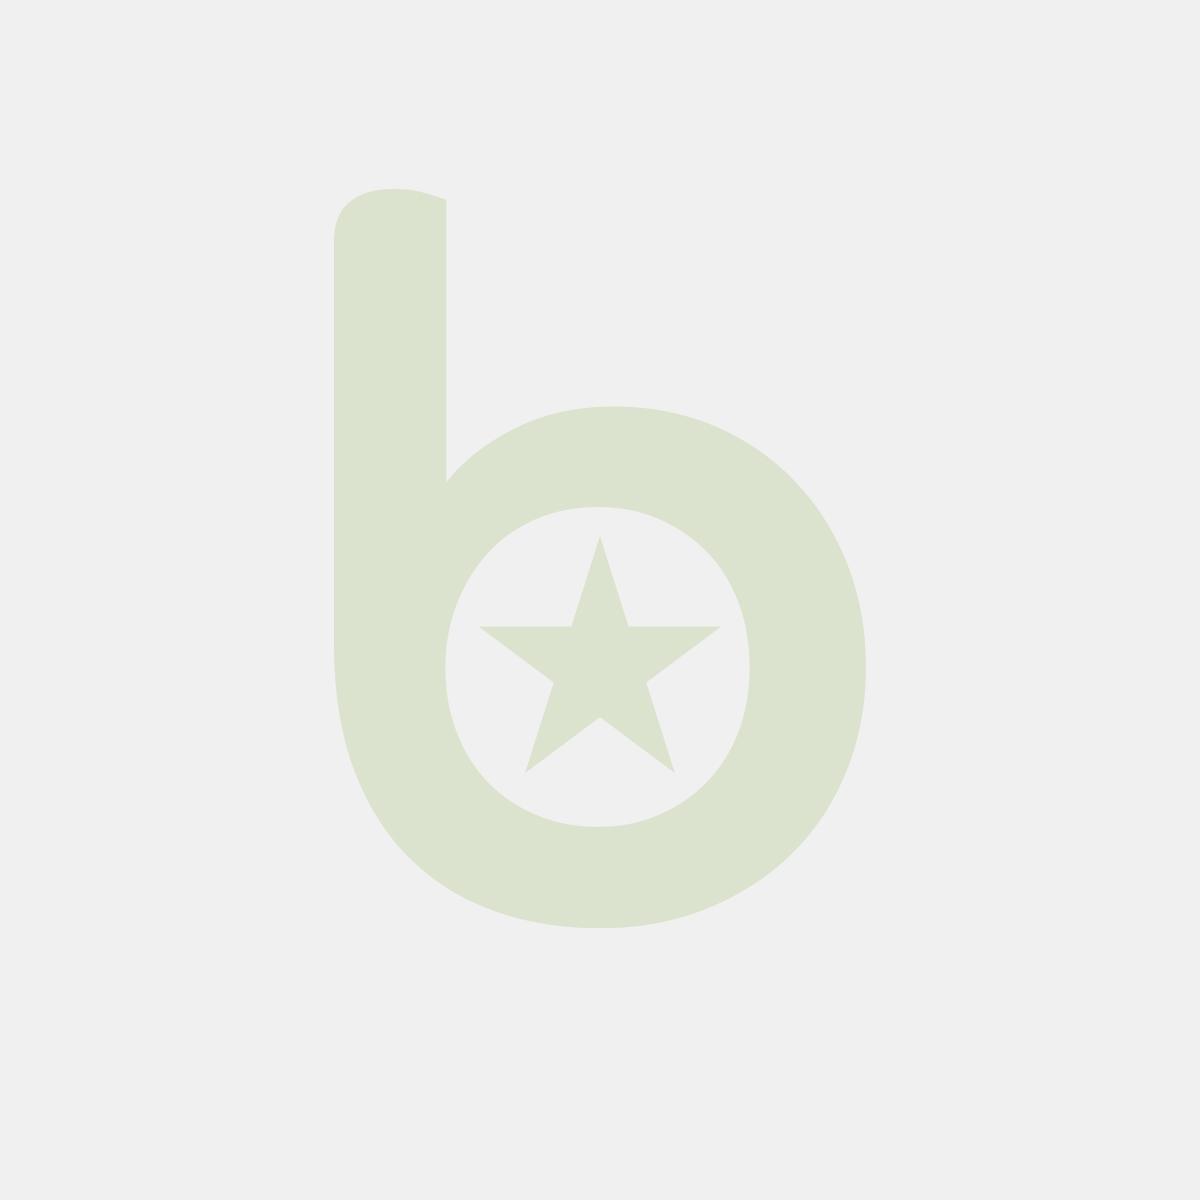 Torby szare 270/120/50 bez nadruku, cena za opakowanie 1000szt